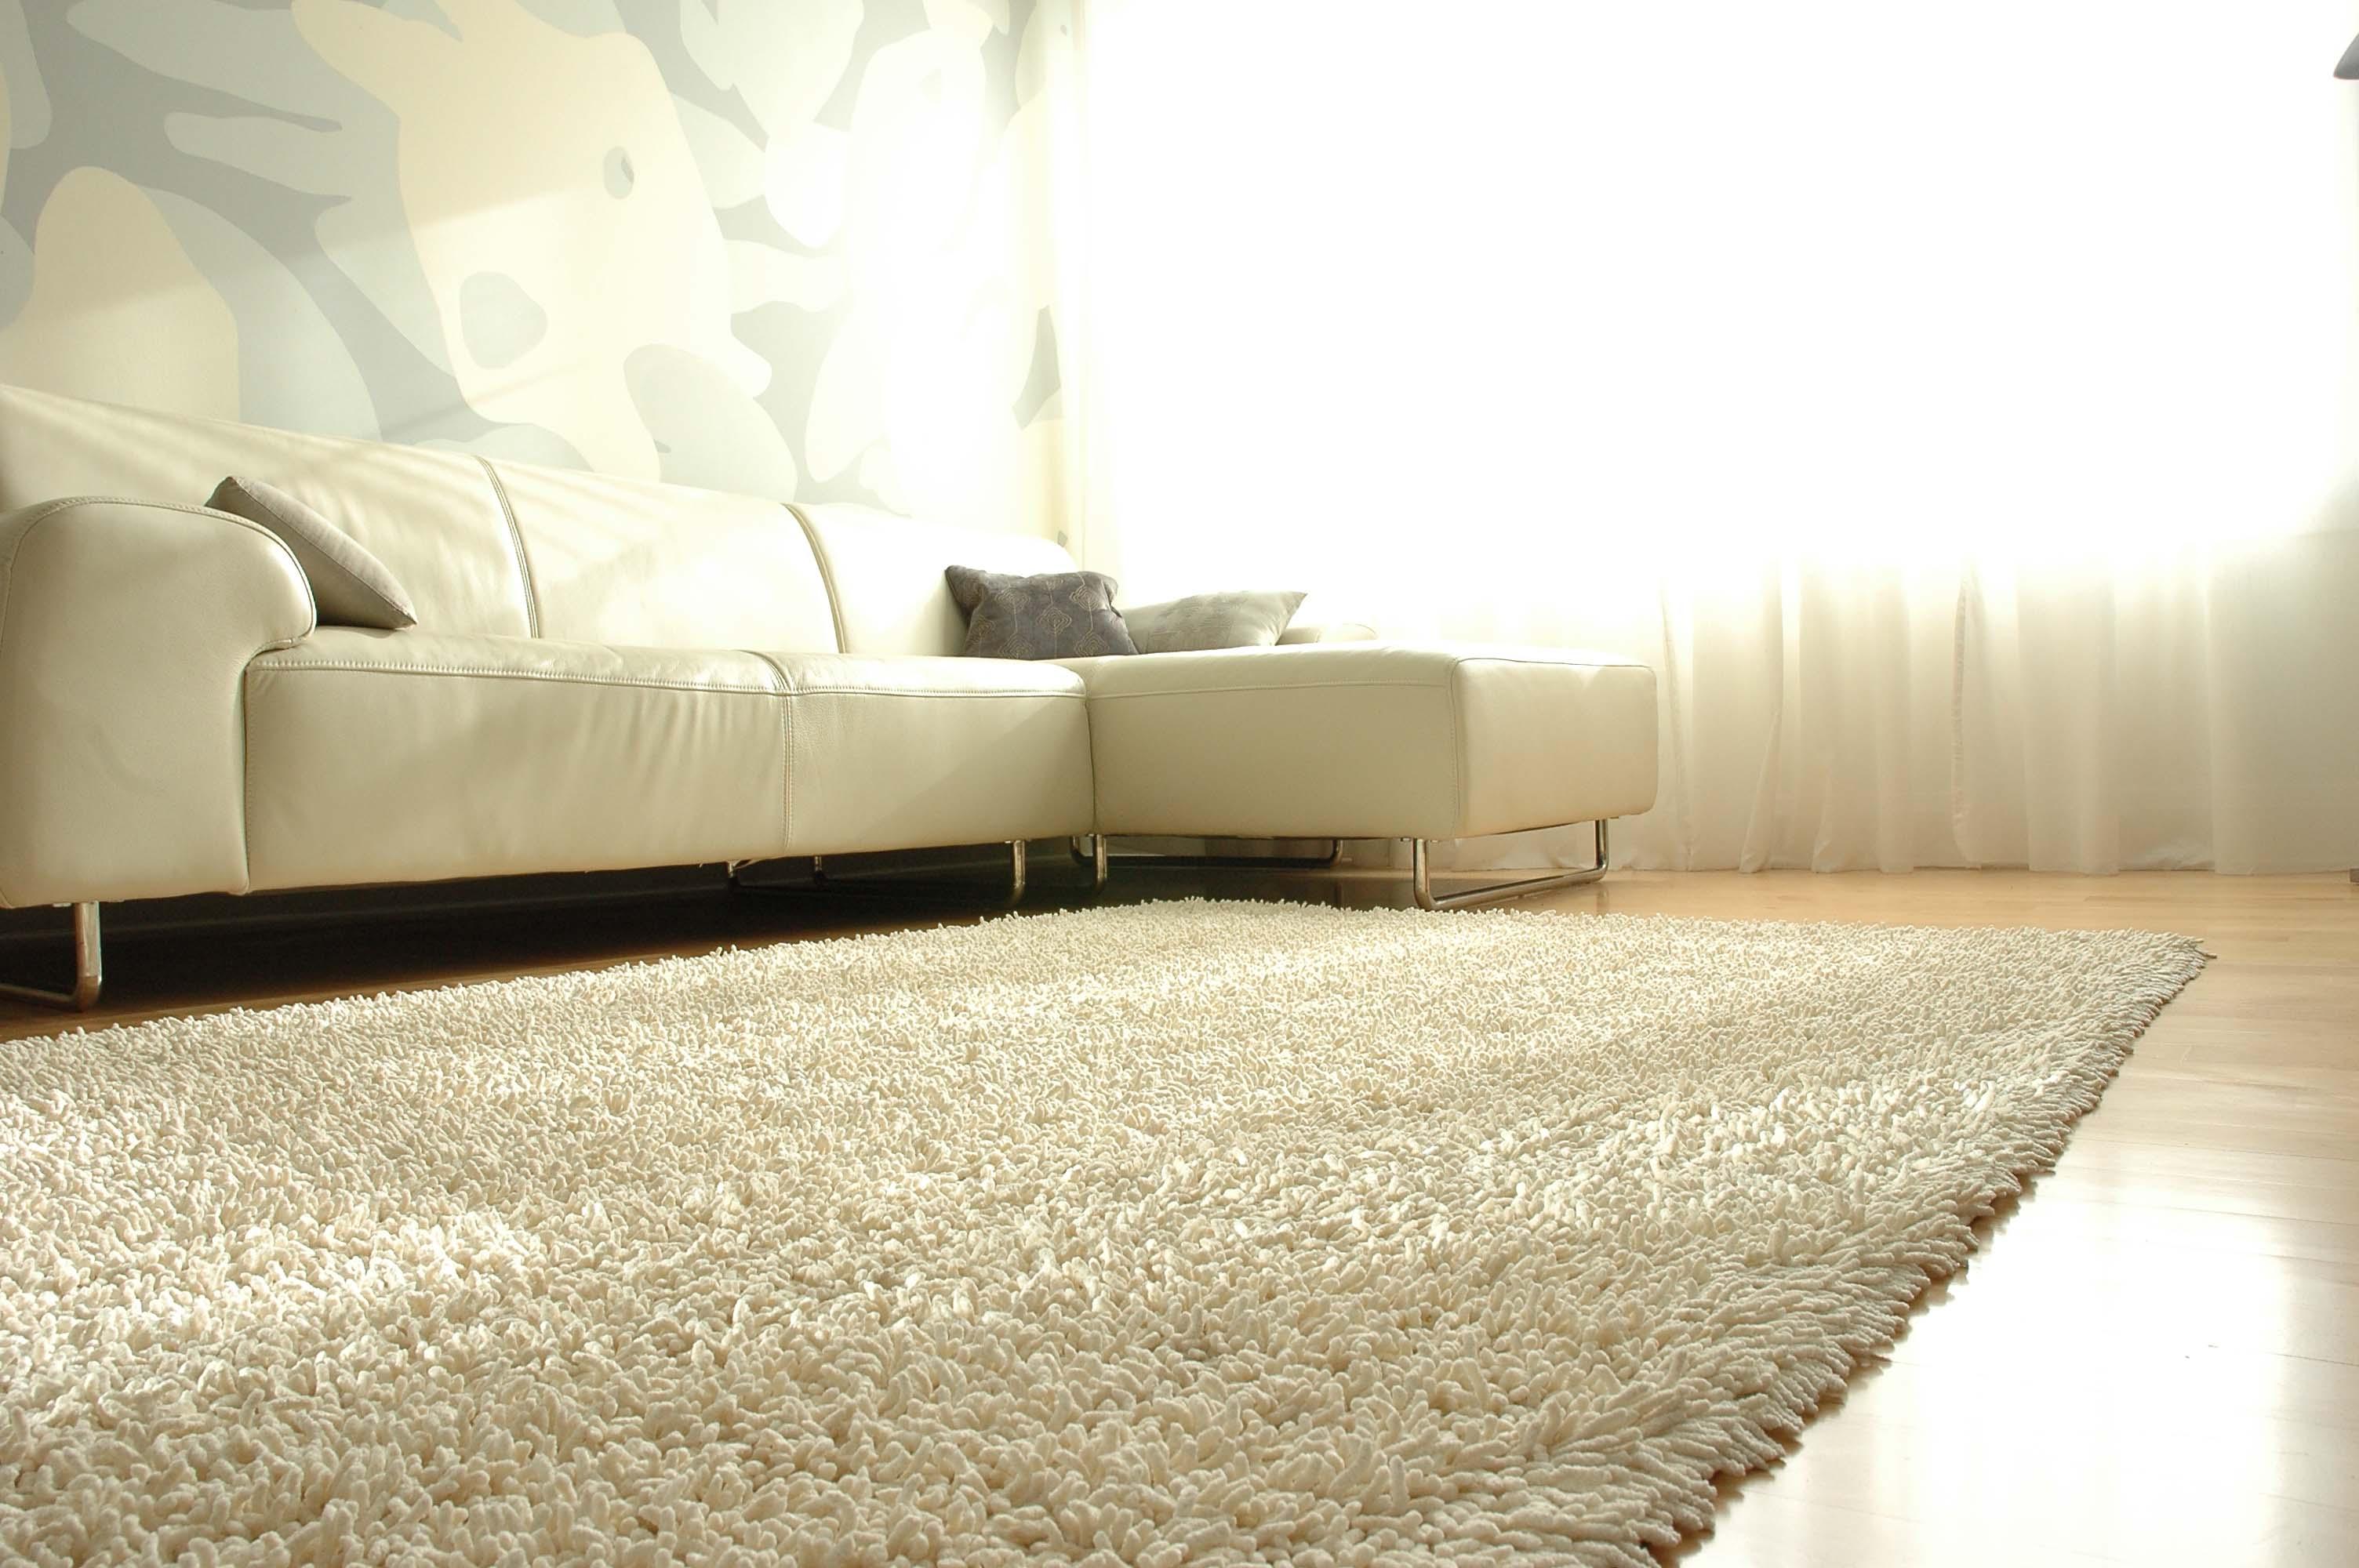 #614927 Combinar os tapetes com o estilo de decoração 3008x2000 píxeis em Como Usar Tapete Na Sala De Estar